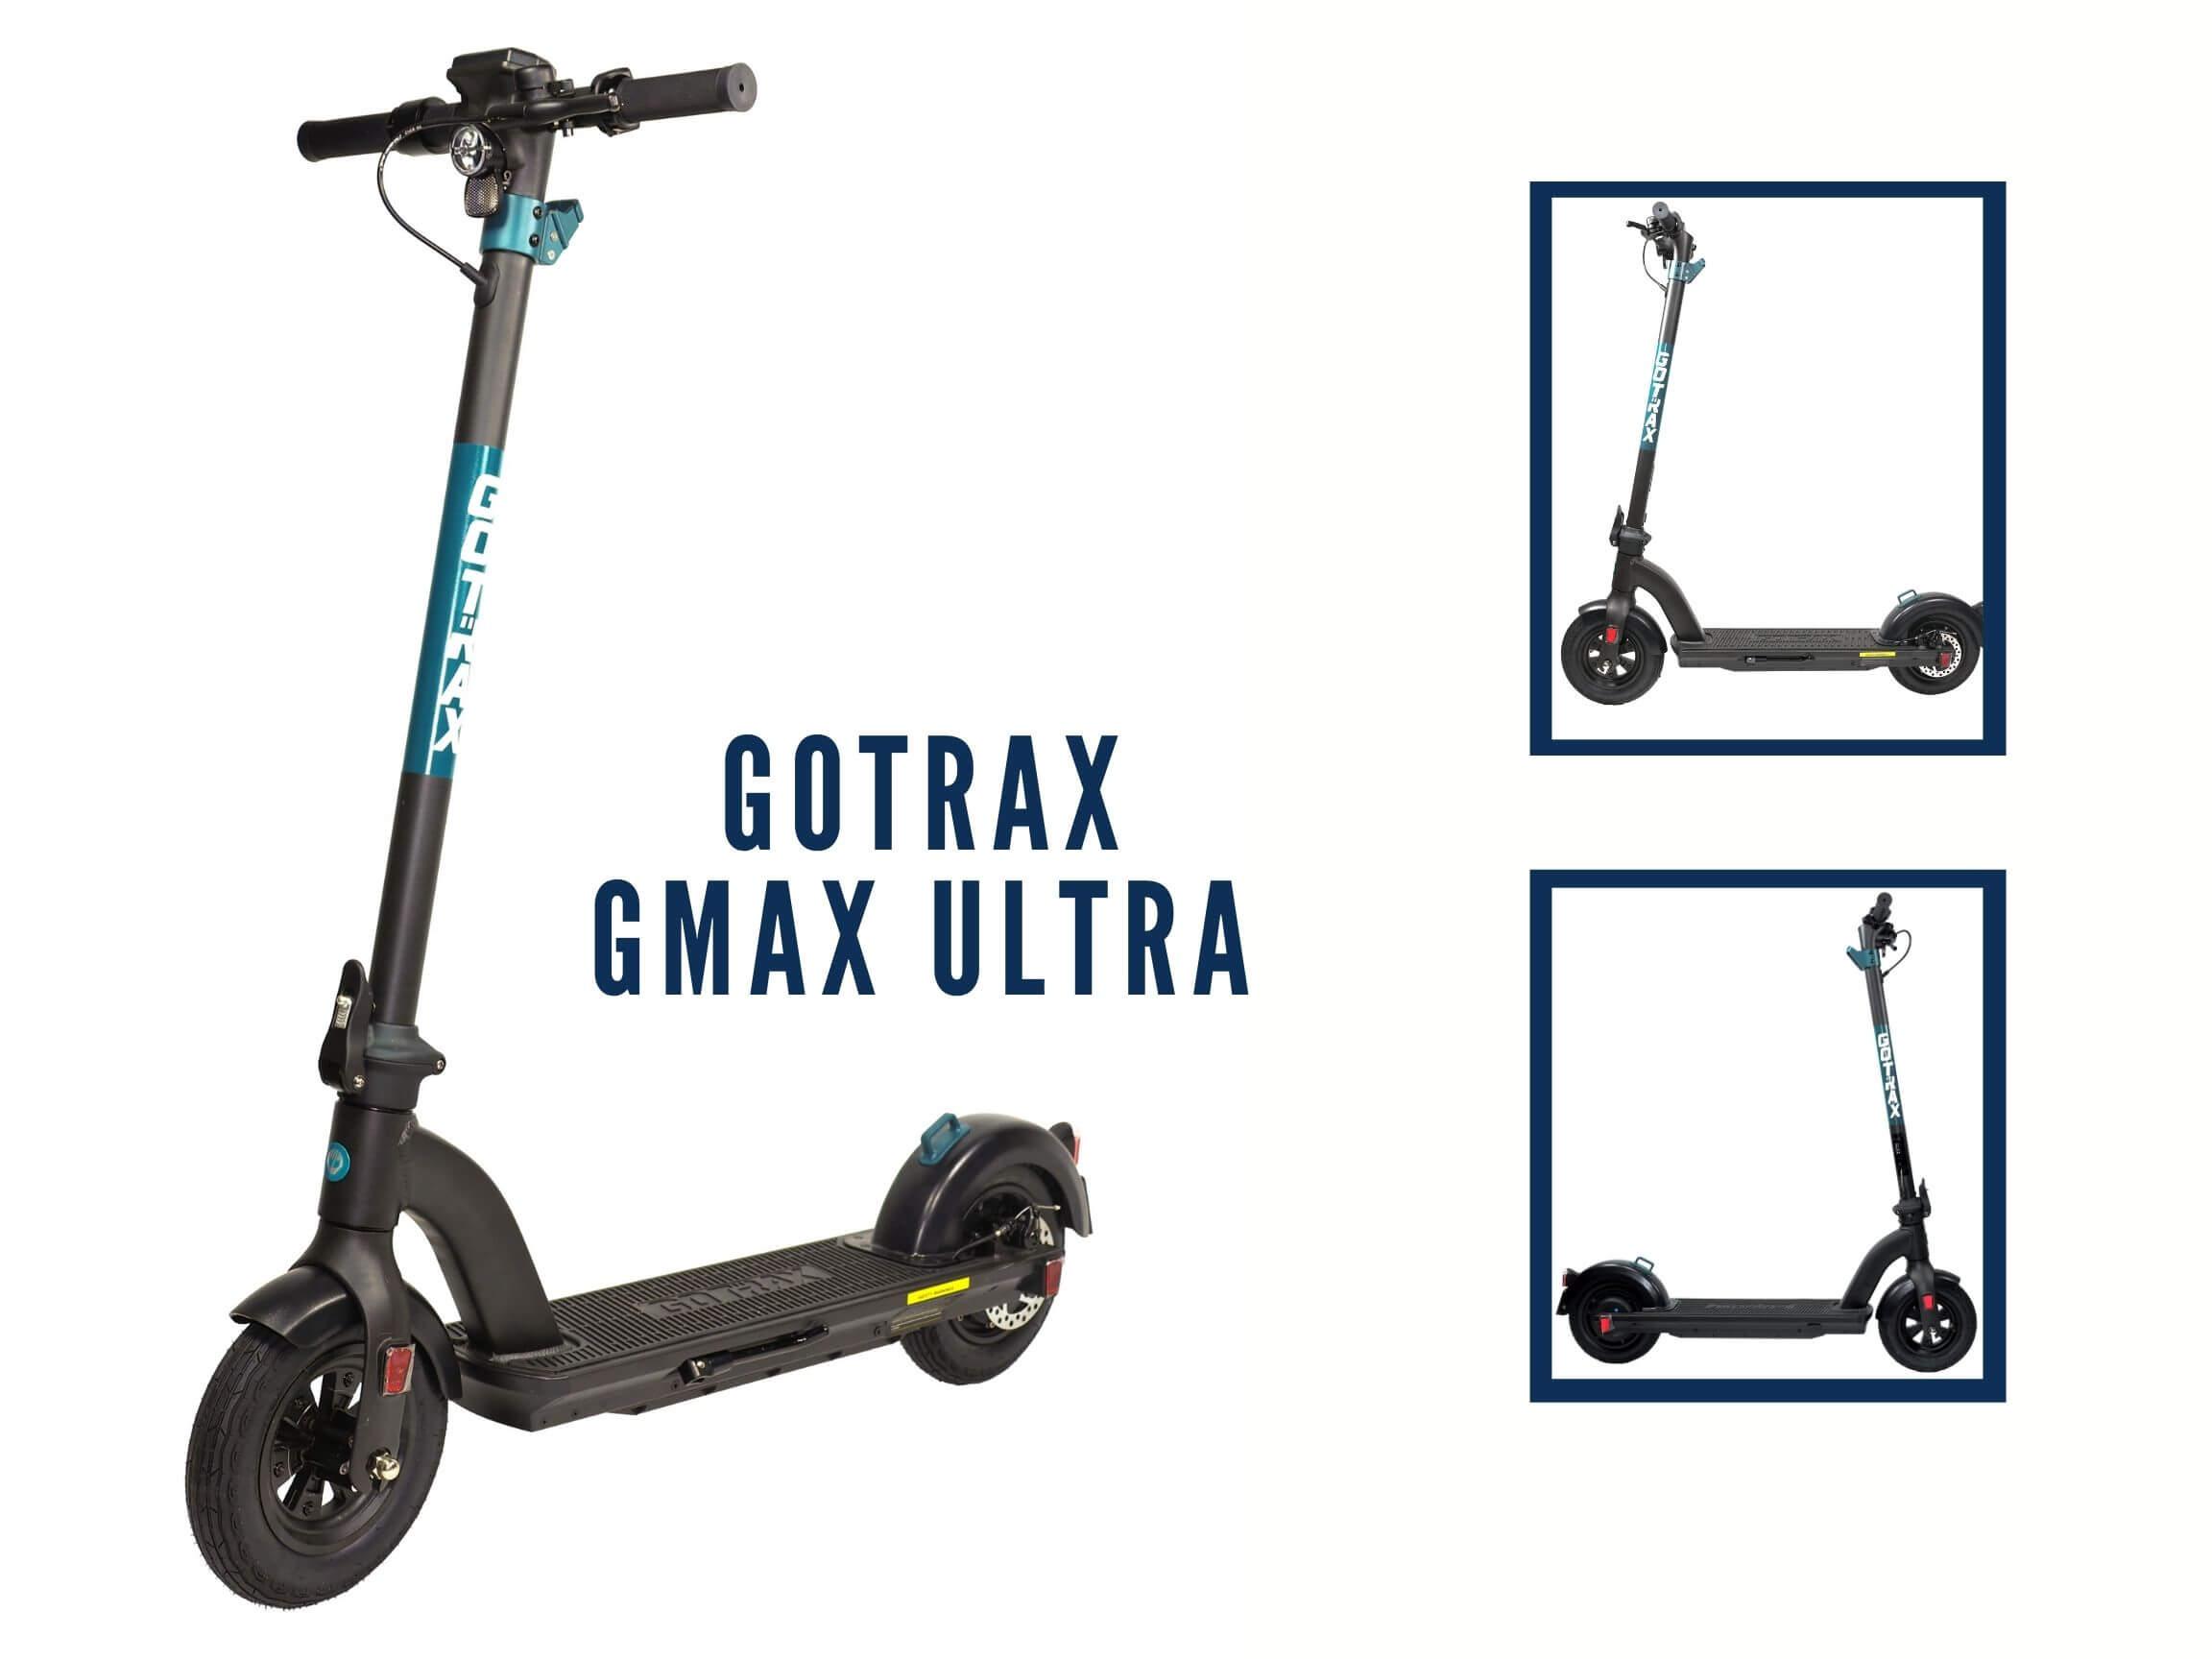 GoTrax Gmax Ultra - Fastest GoTrax Scooter